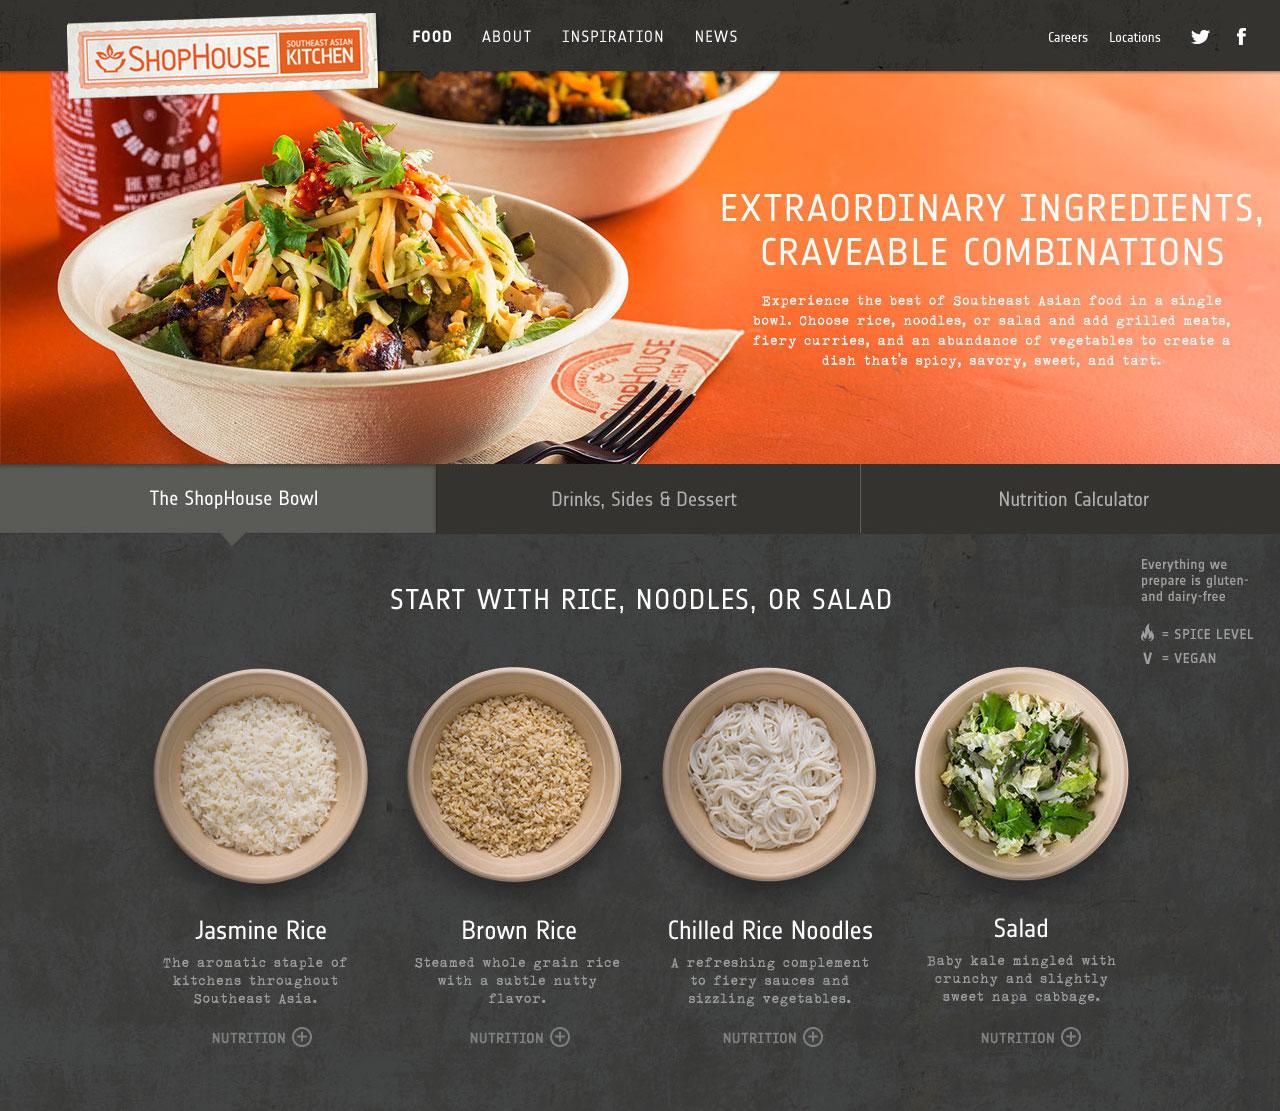 SHK_Desktop_FoodSection_crop.jpg